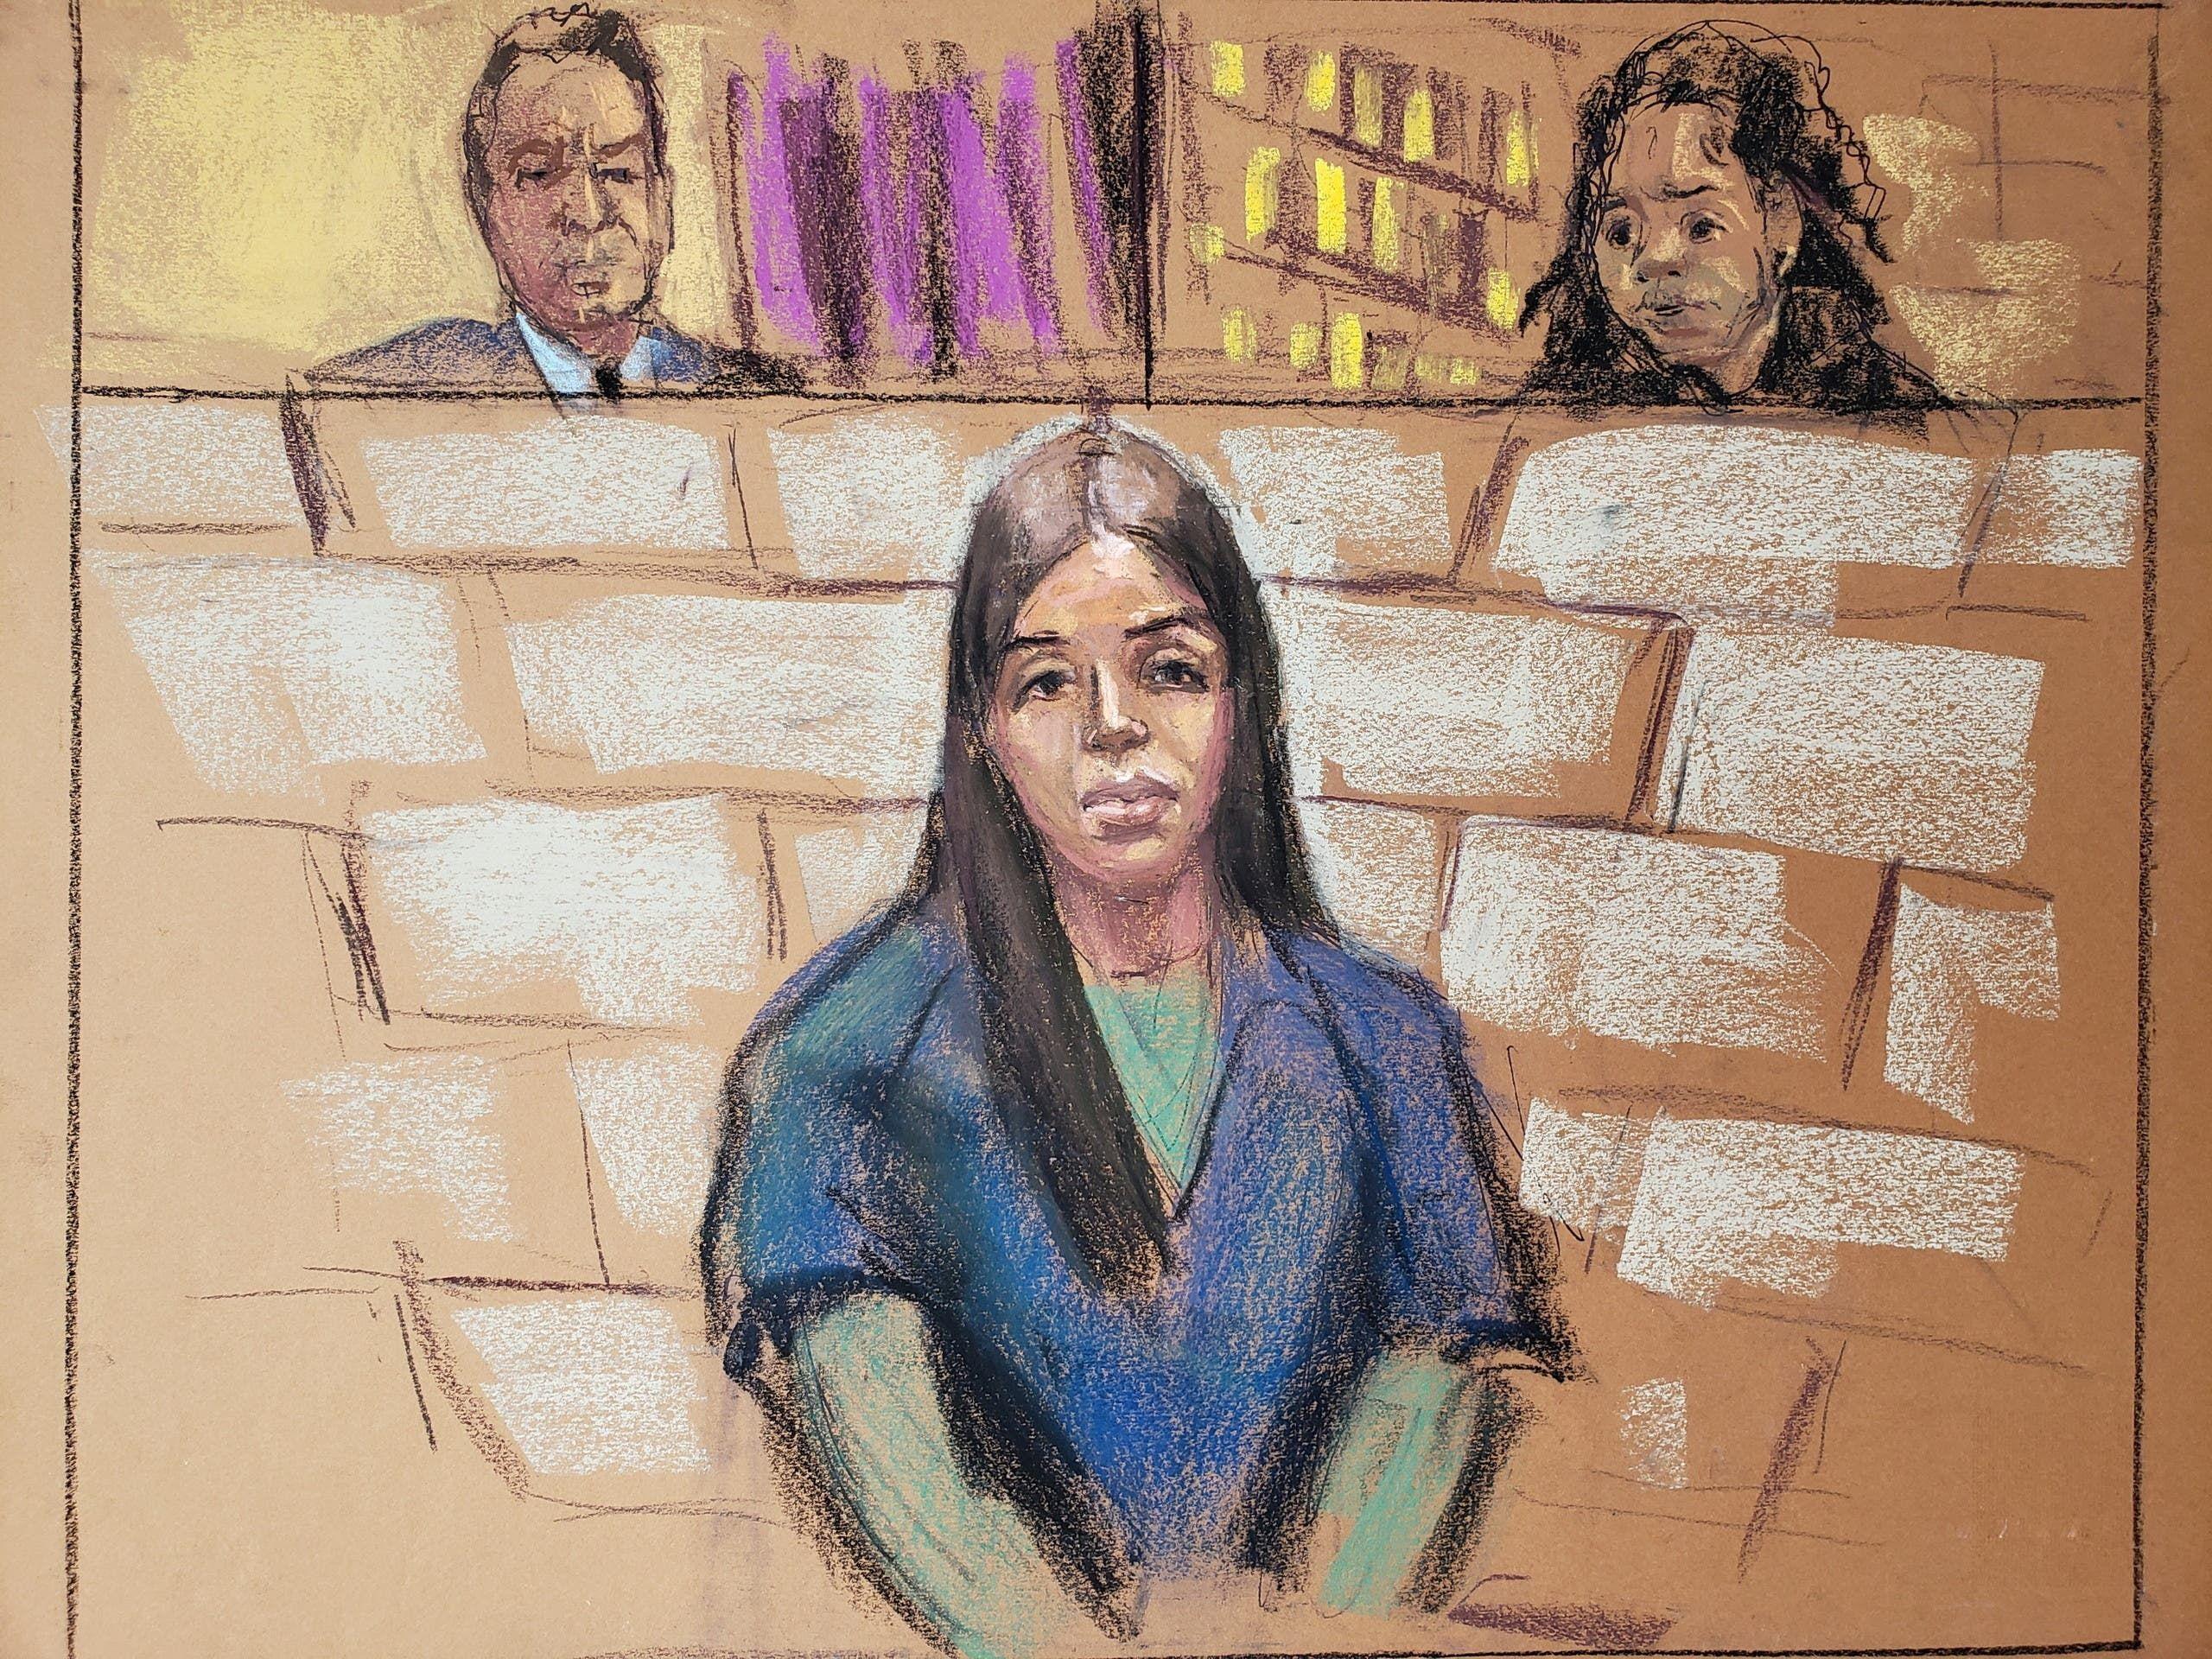 رسم لإيما كورونيل خلال إحدى جلسات المحاكمة